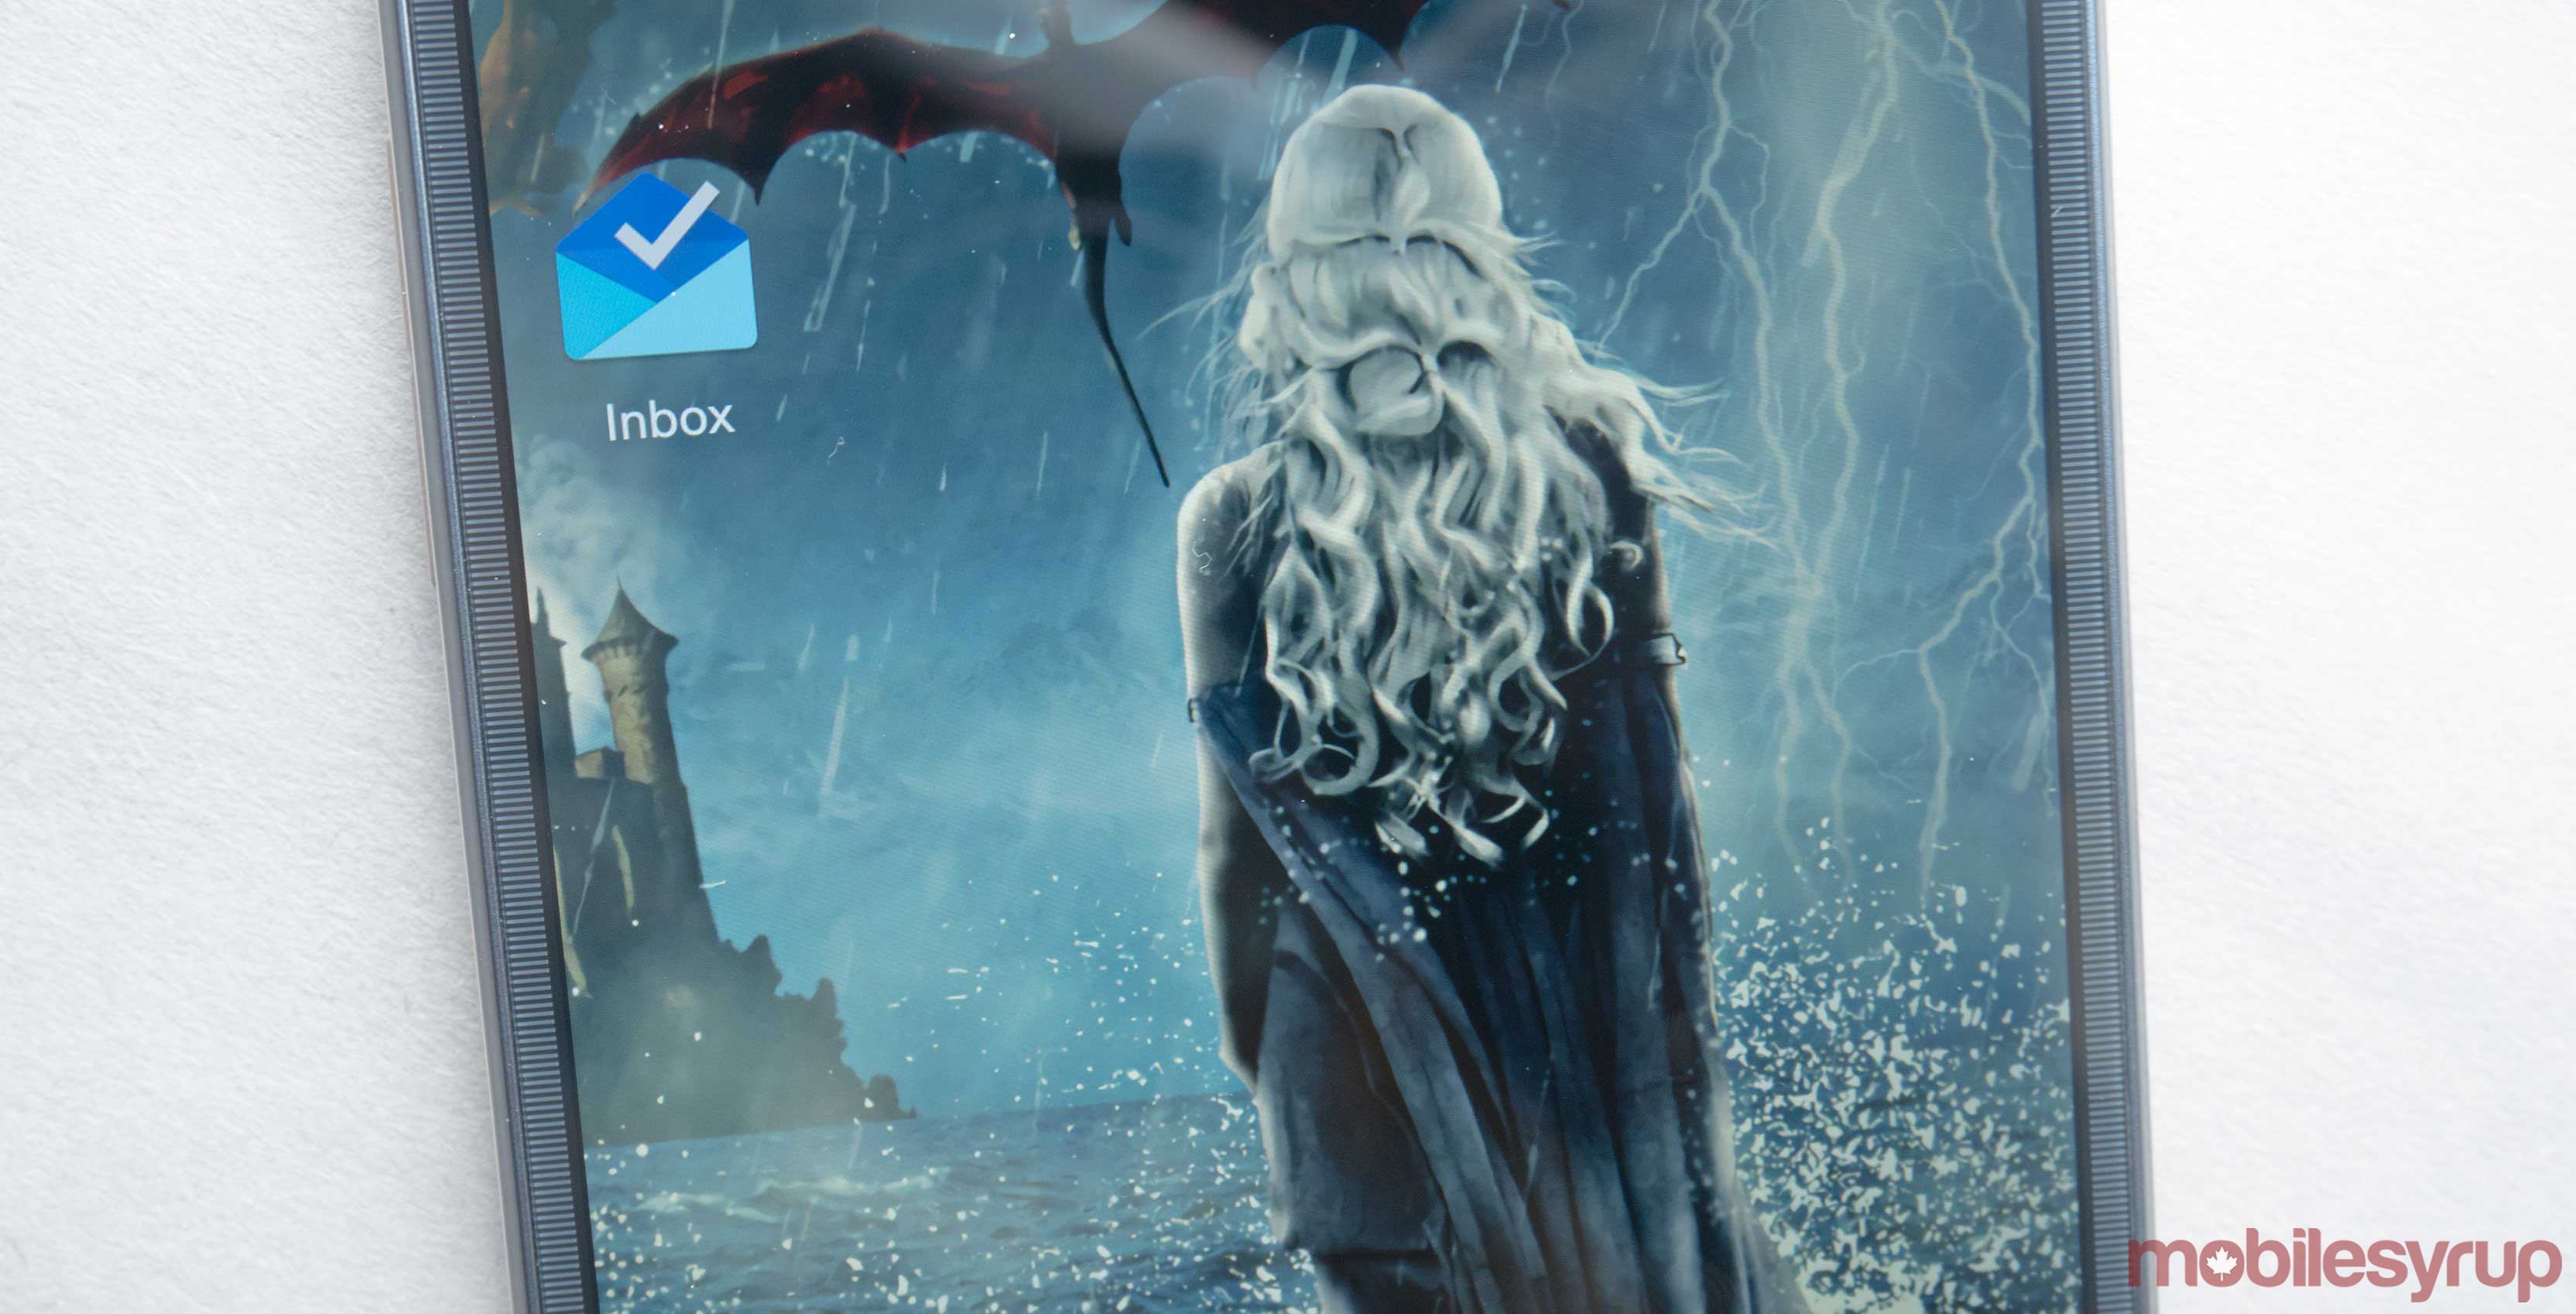 Inbox app